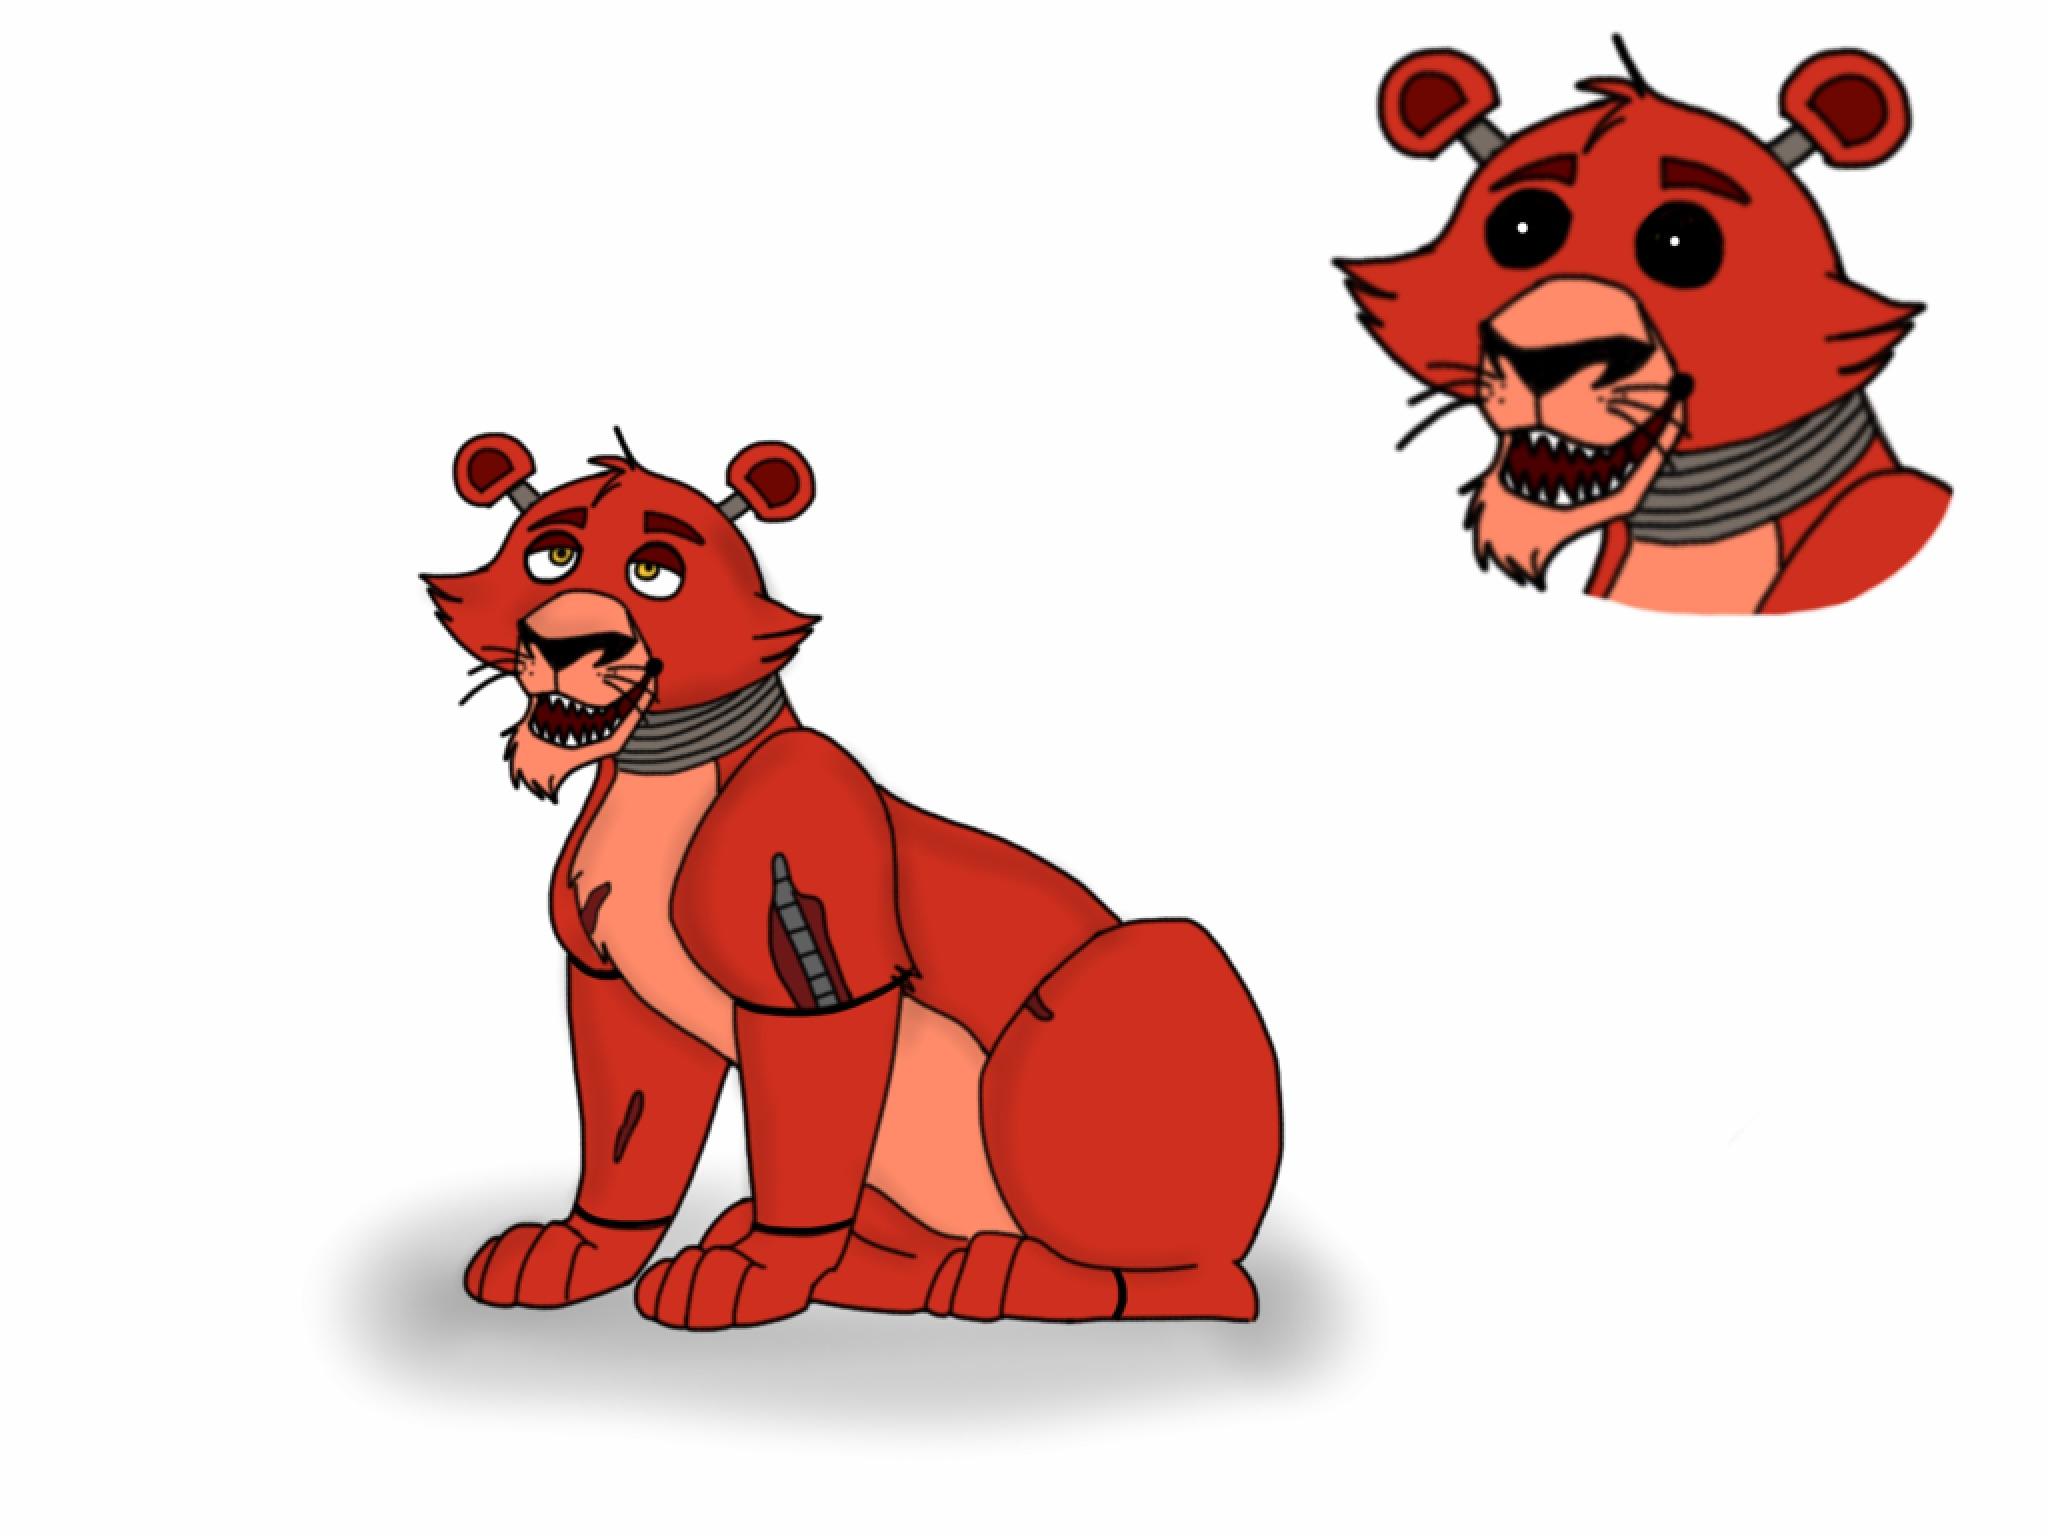 Galería de Aisha - Página 5 Foxy_lion_animatronic____by_tlk323-d9bhqkk